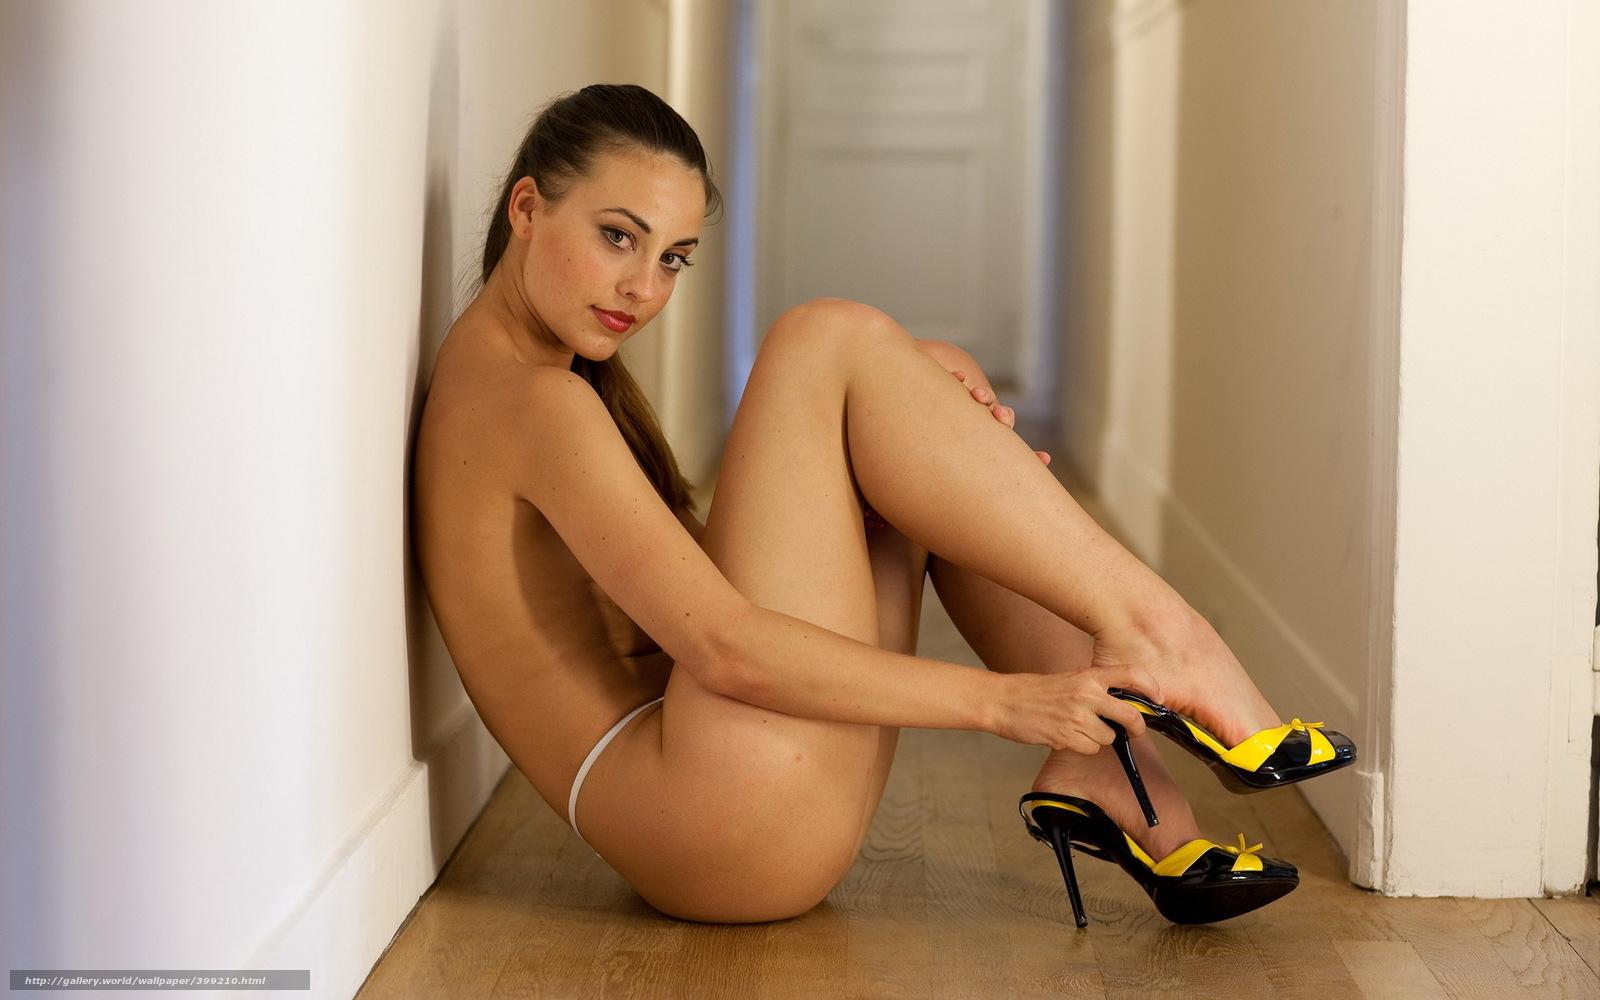 Раб лижит туфли фото 17 фотография